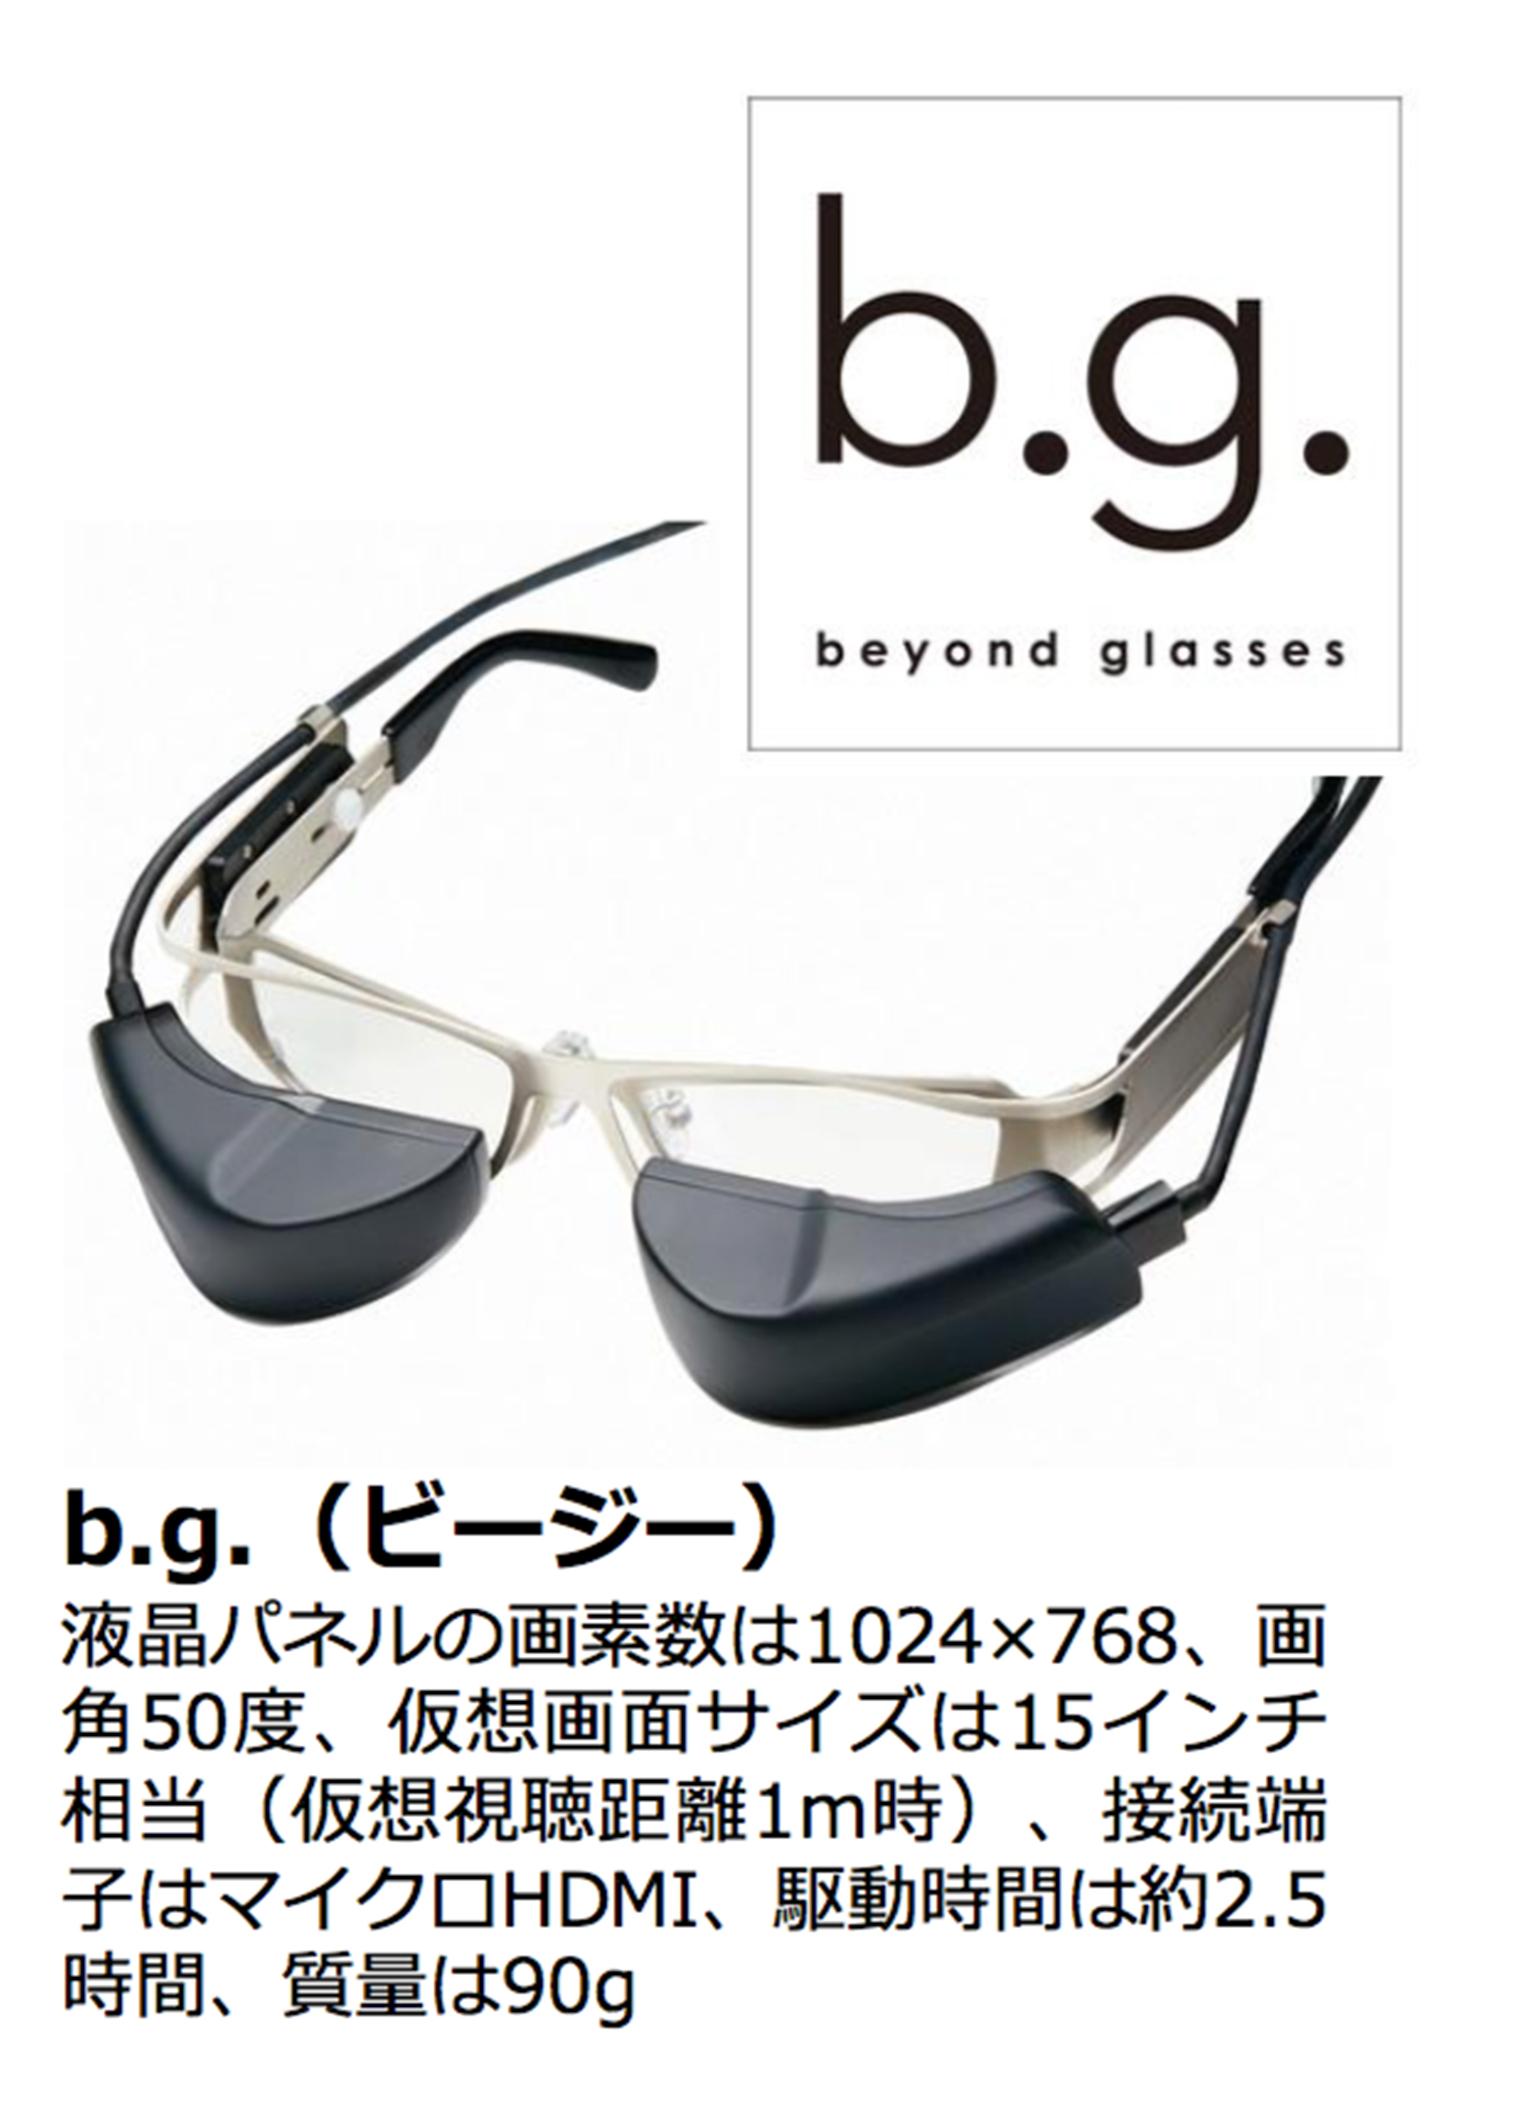 b.g.(ビージー)